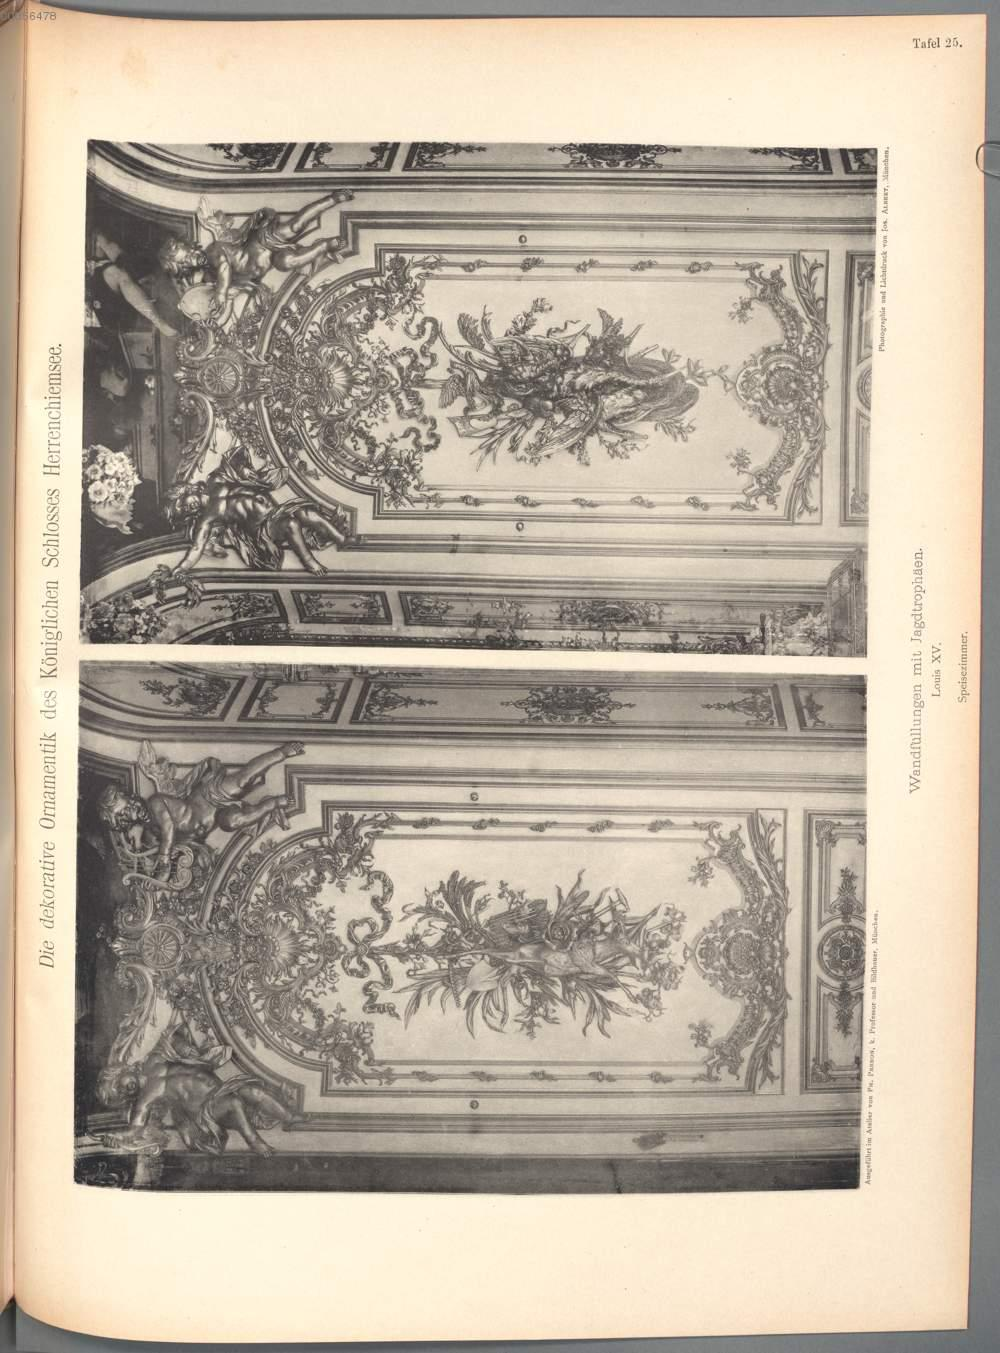 Tafel 25wandfüllungen Mit Jagdtrophäen Speisezimmer Aus Perron